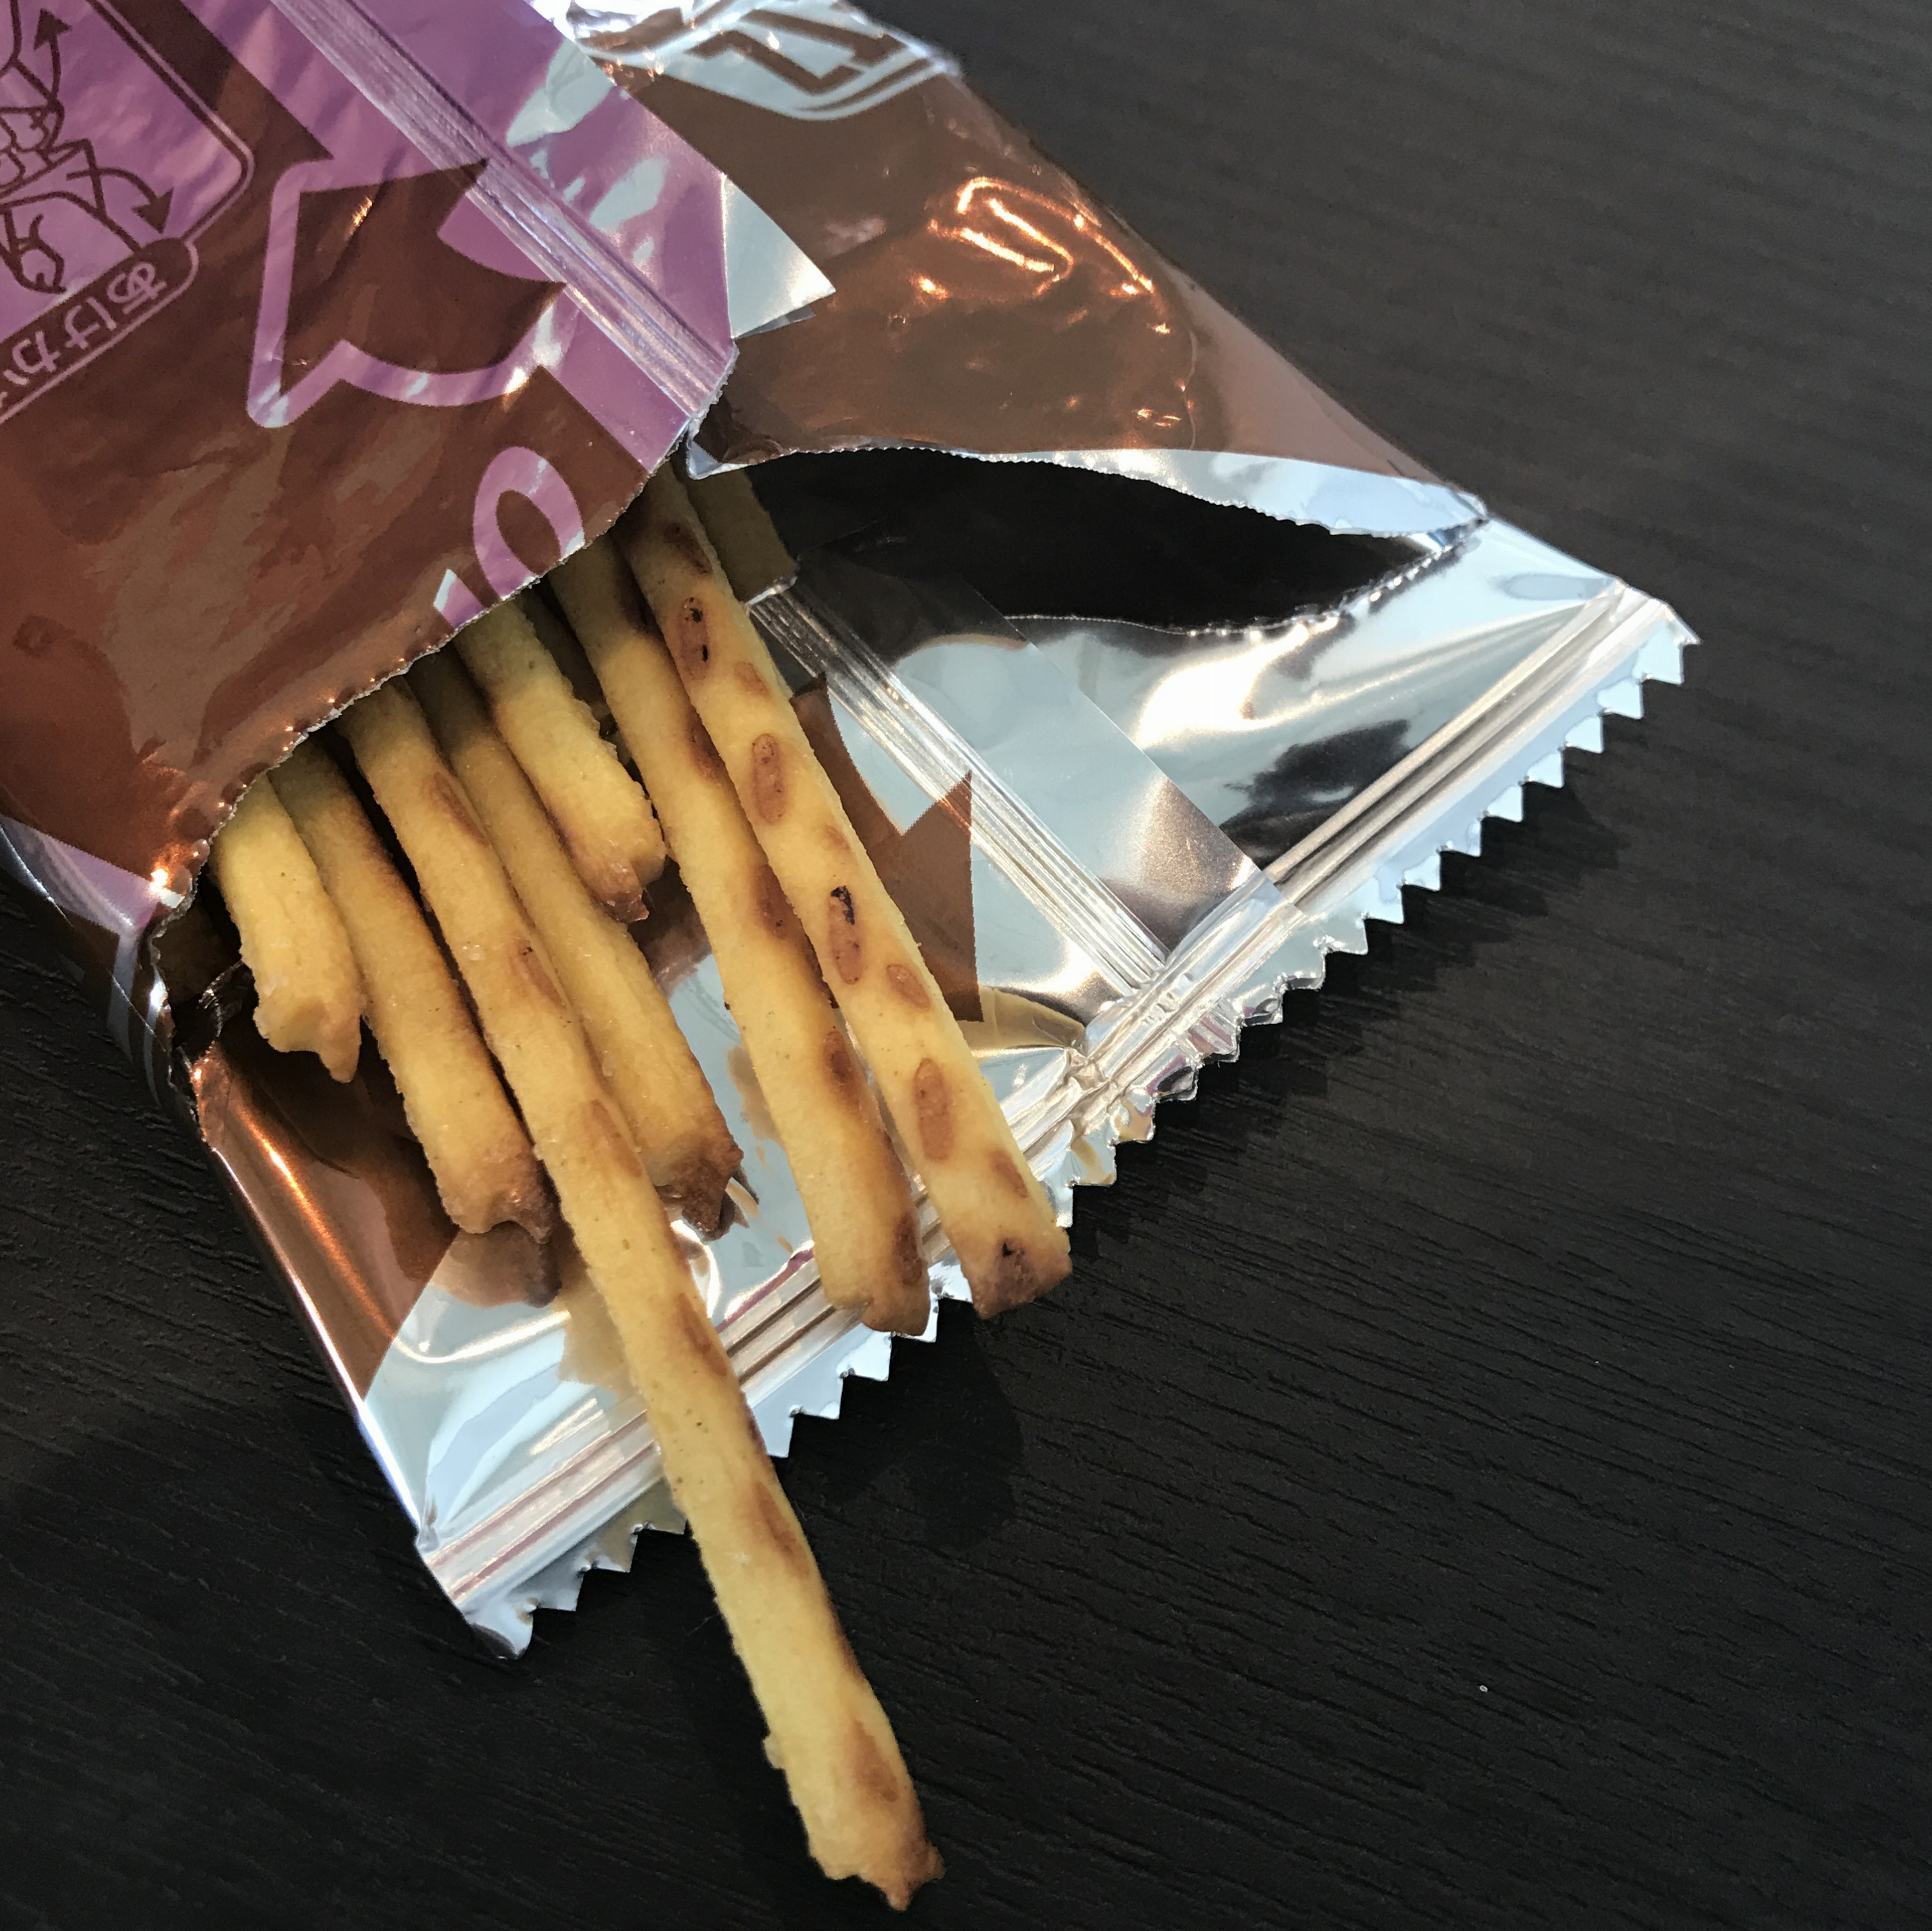 【FOOD】秋の味覚!さつまいも おさつプリッツに手が止まらない♡_2